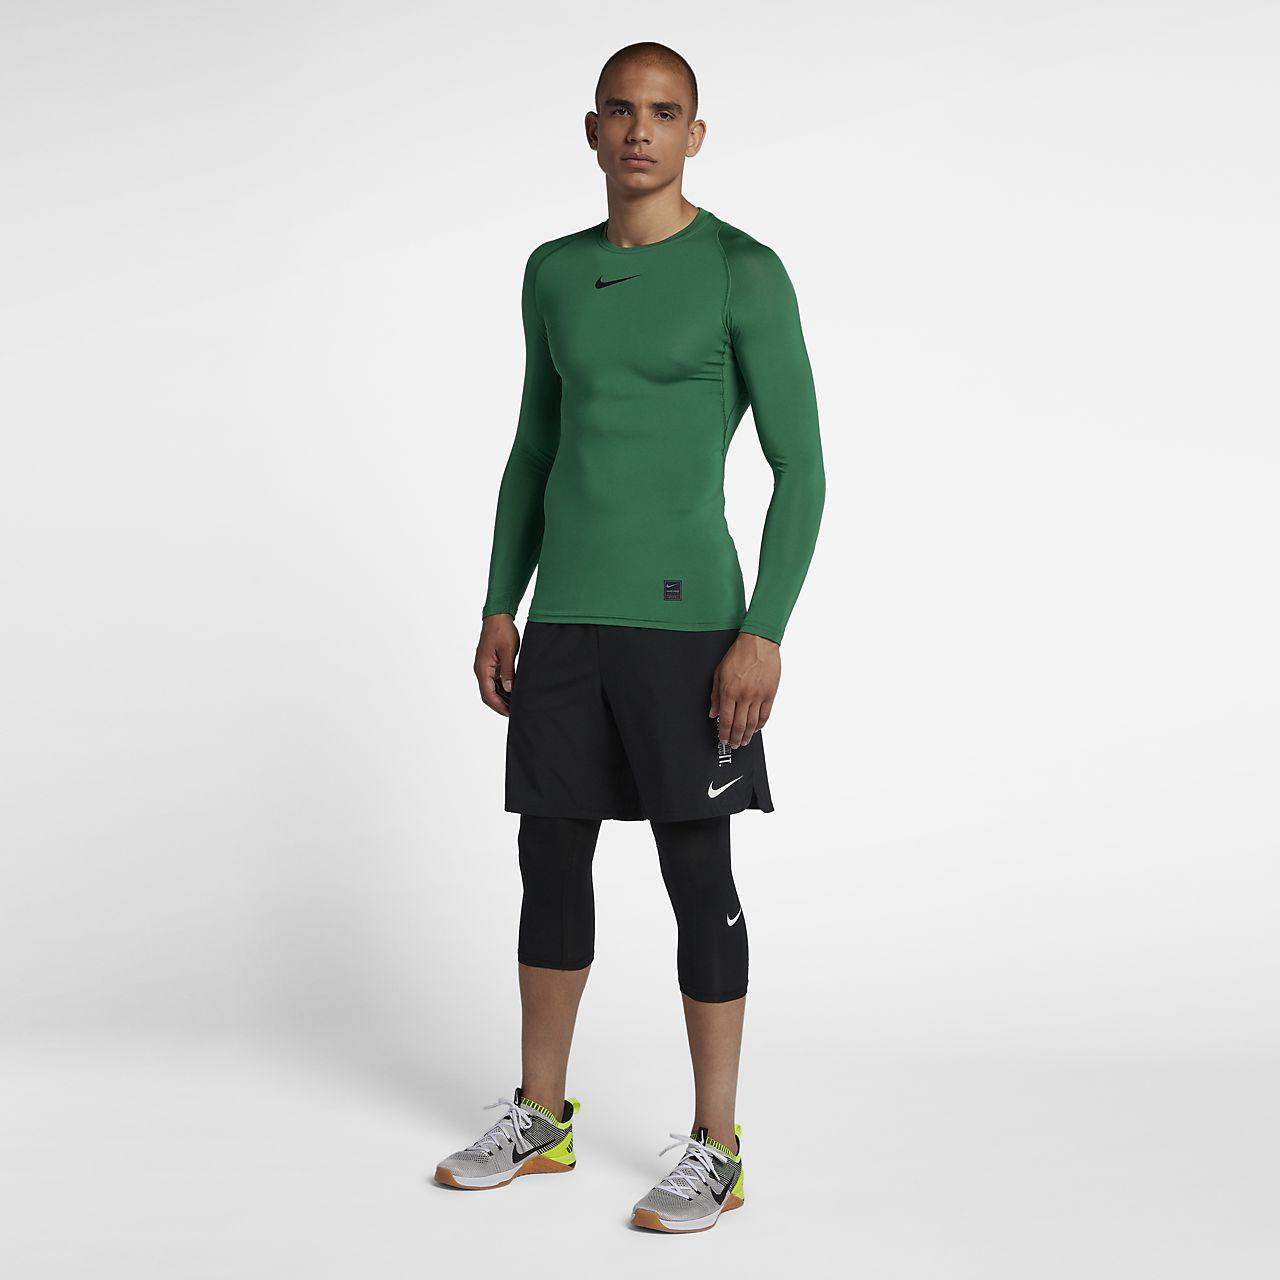 8cac79233b0 Pánské tričko Nike Pro s dlouhým rukávem. Nike.com CZ